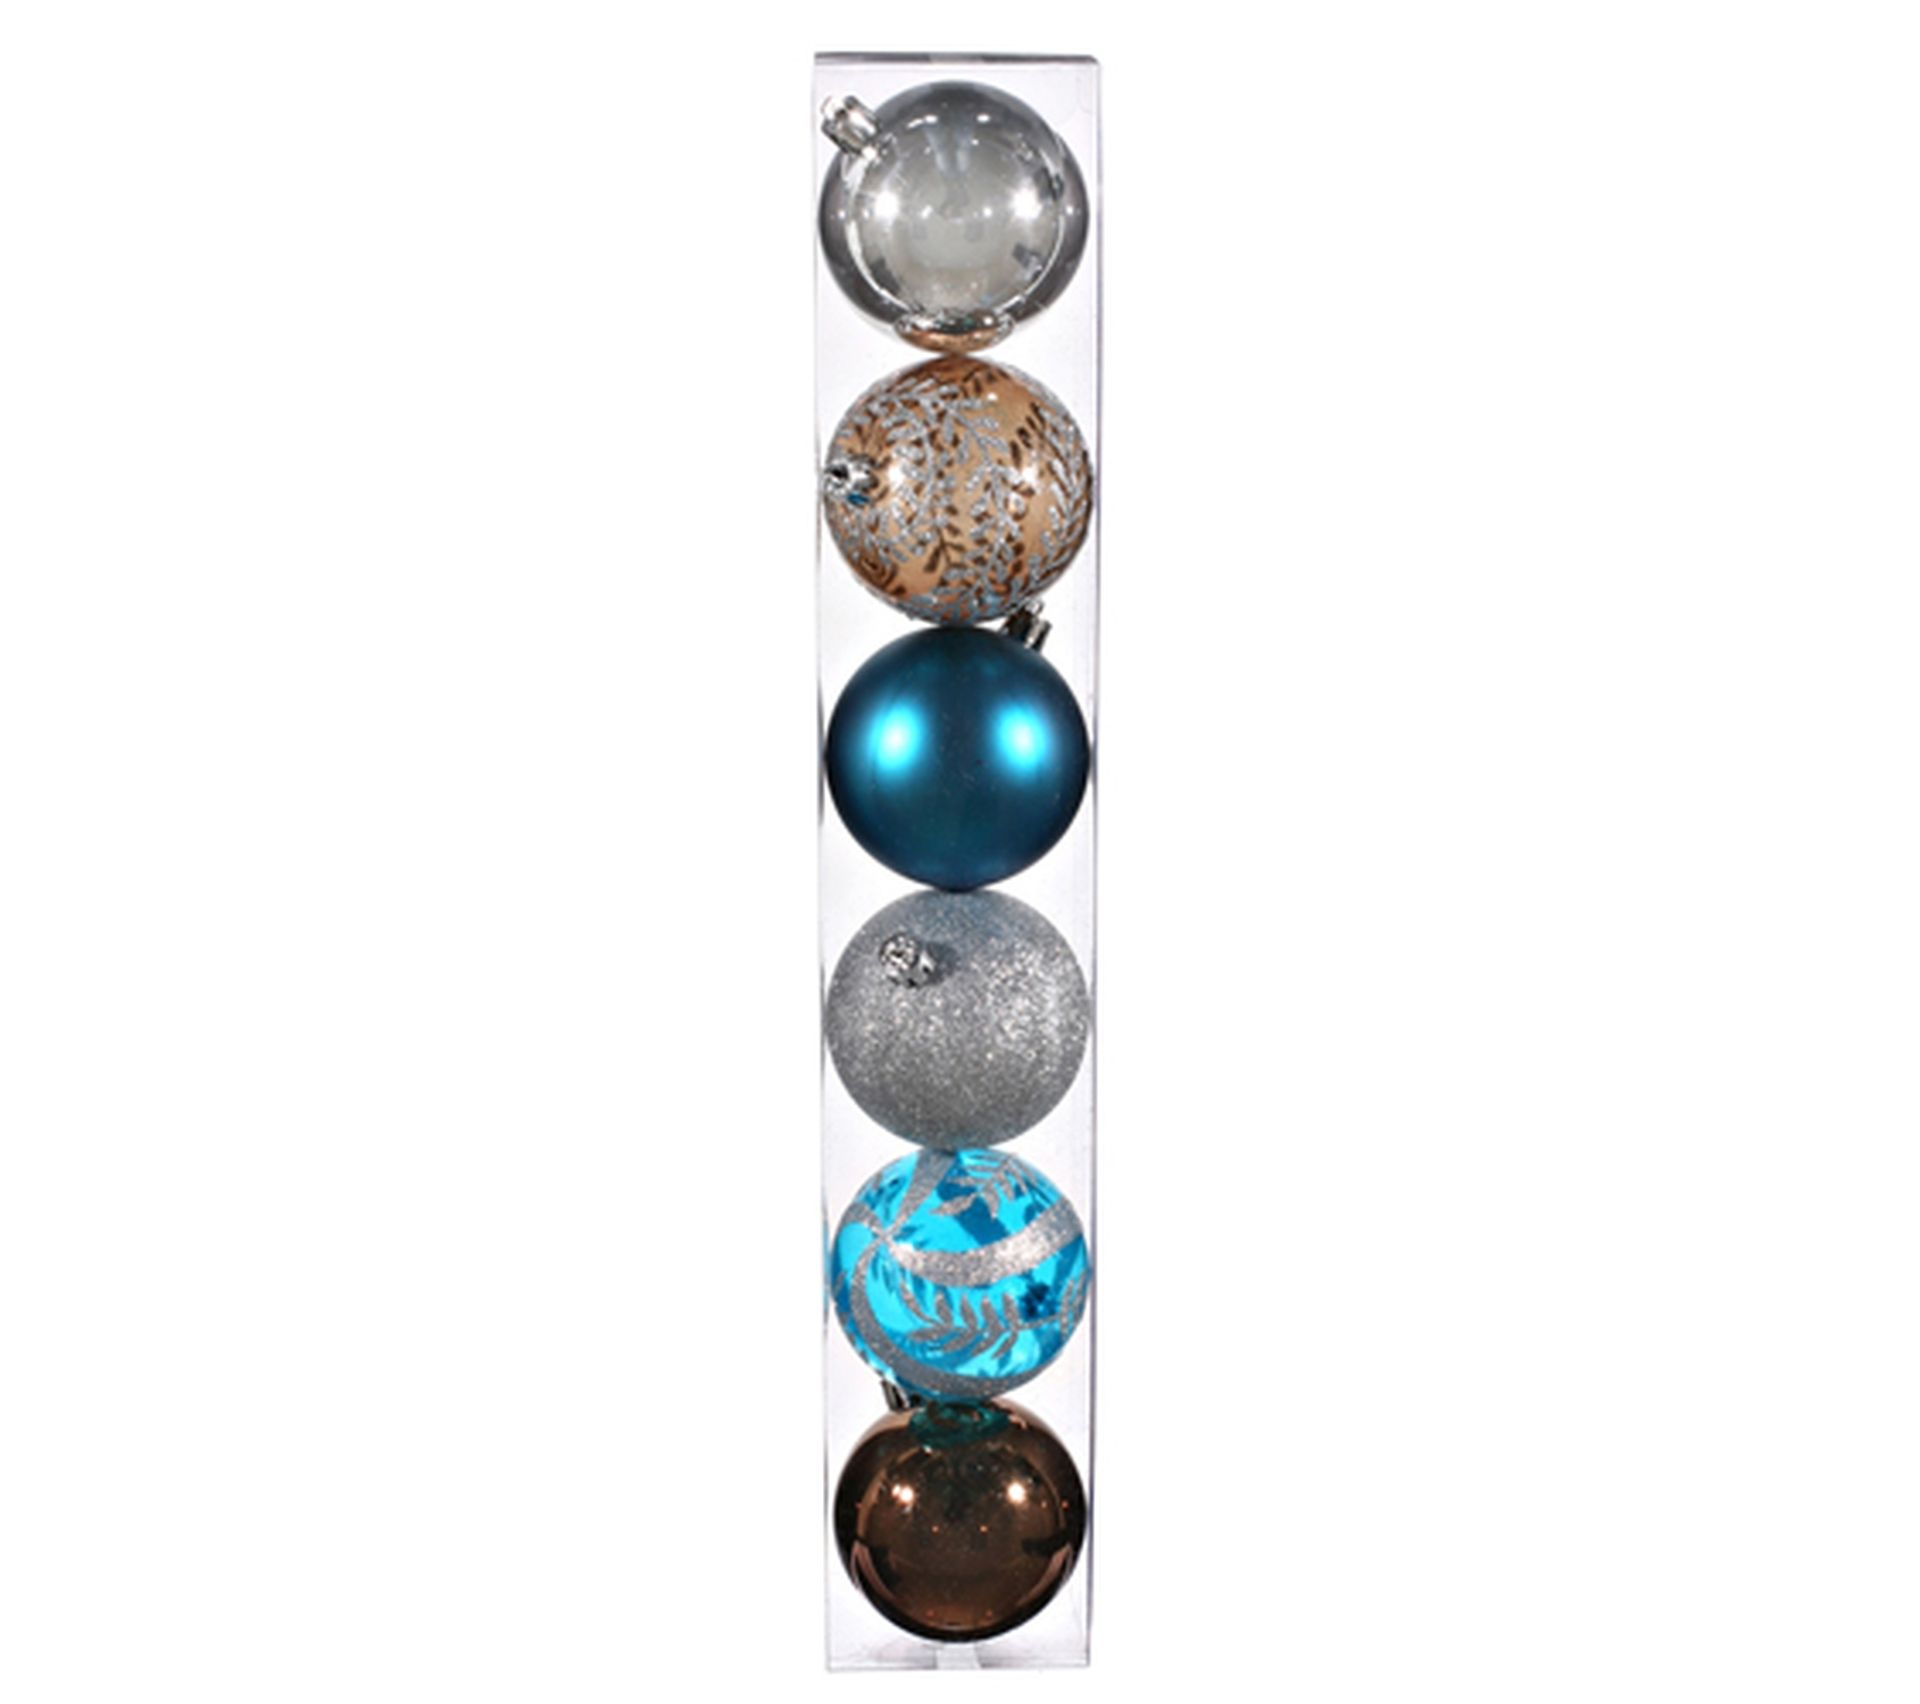 Salle De Bain Chocolat Turquoise lot de 6 boules de noël - diam. 80 mm - chocolat, turquoise et argent